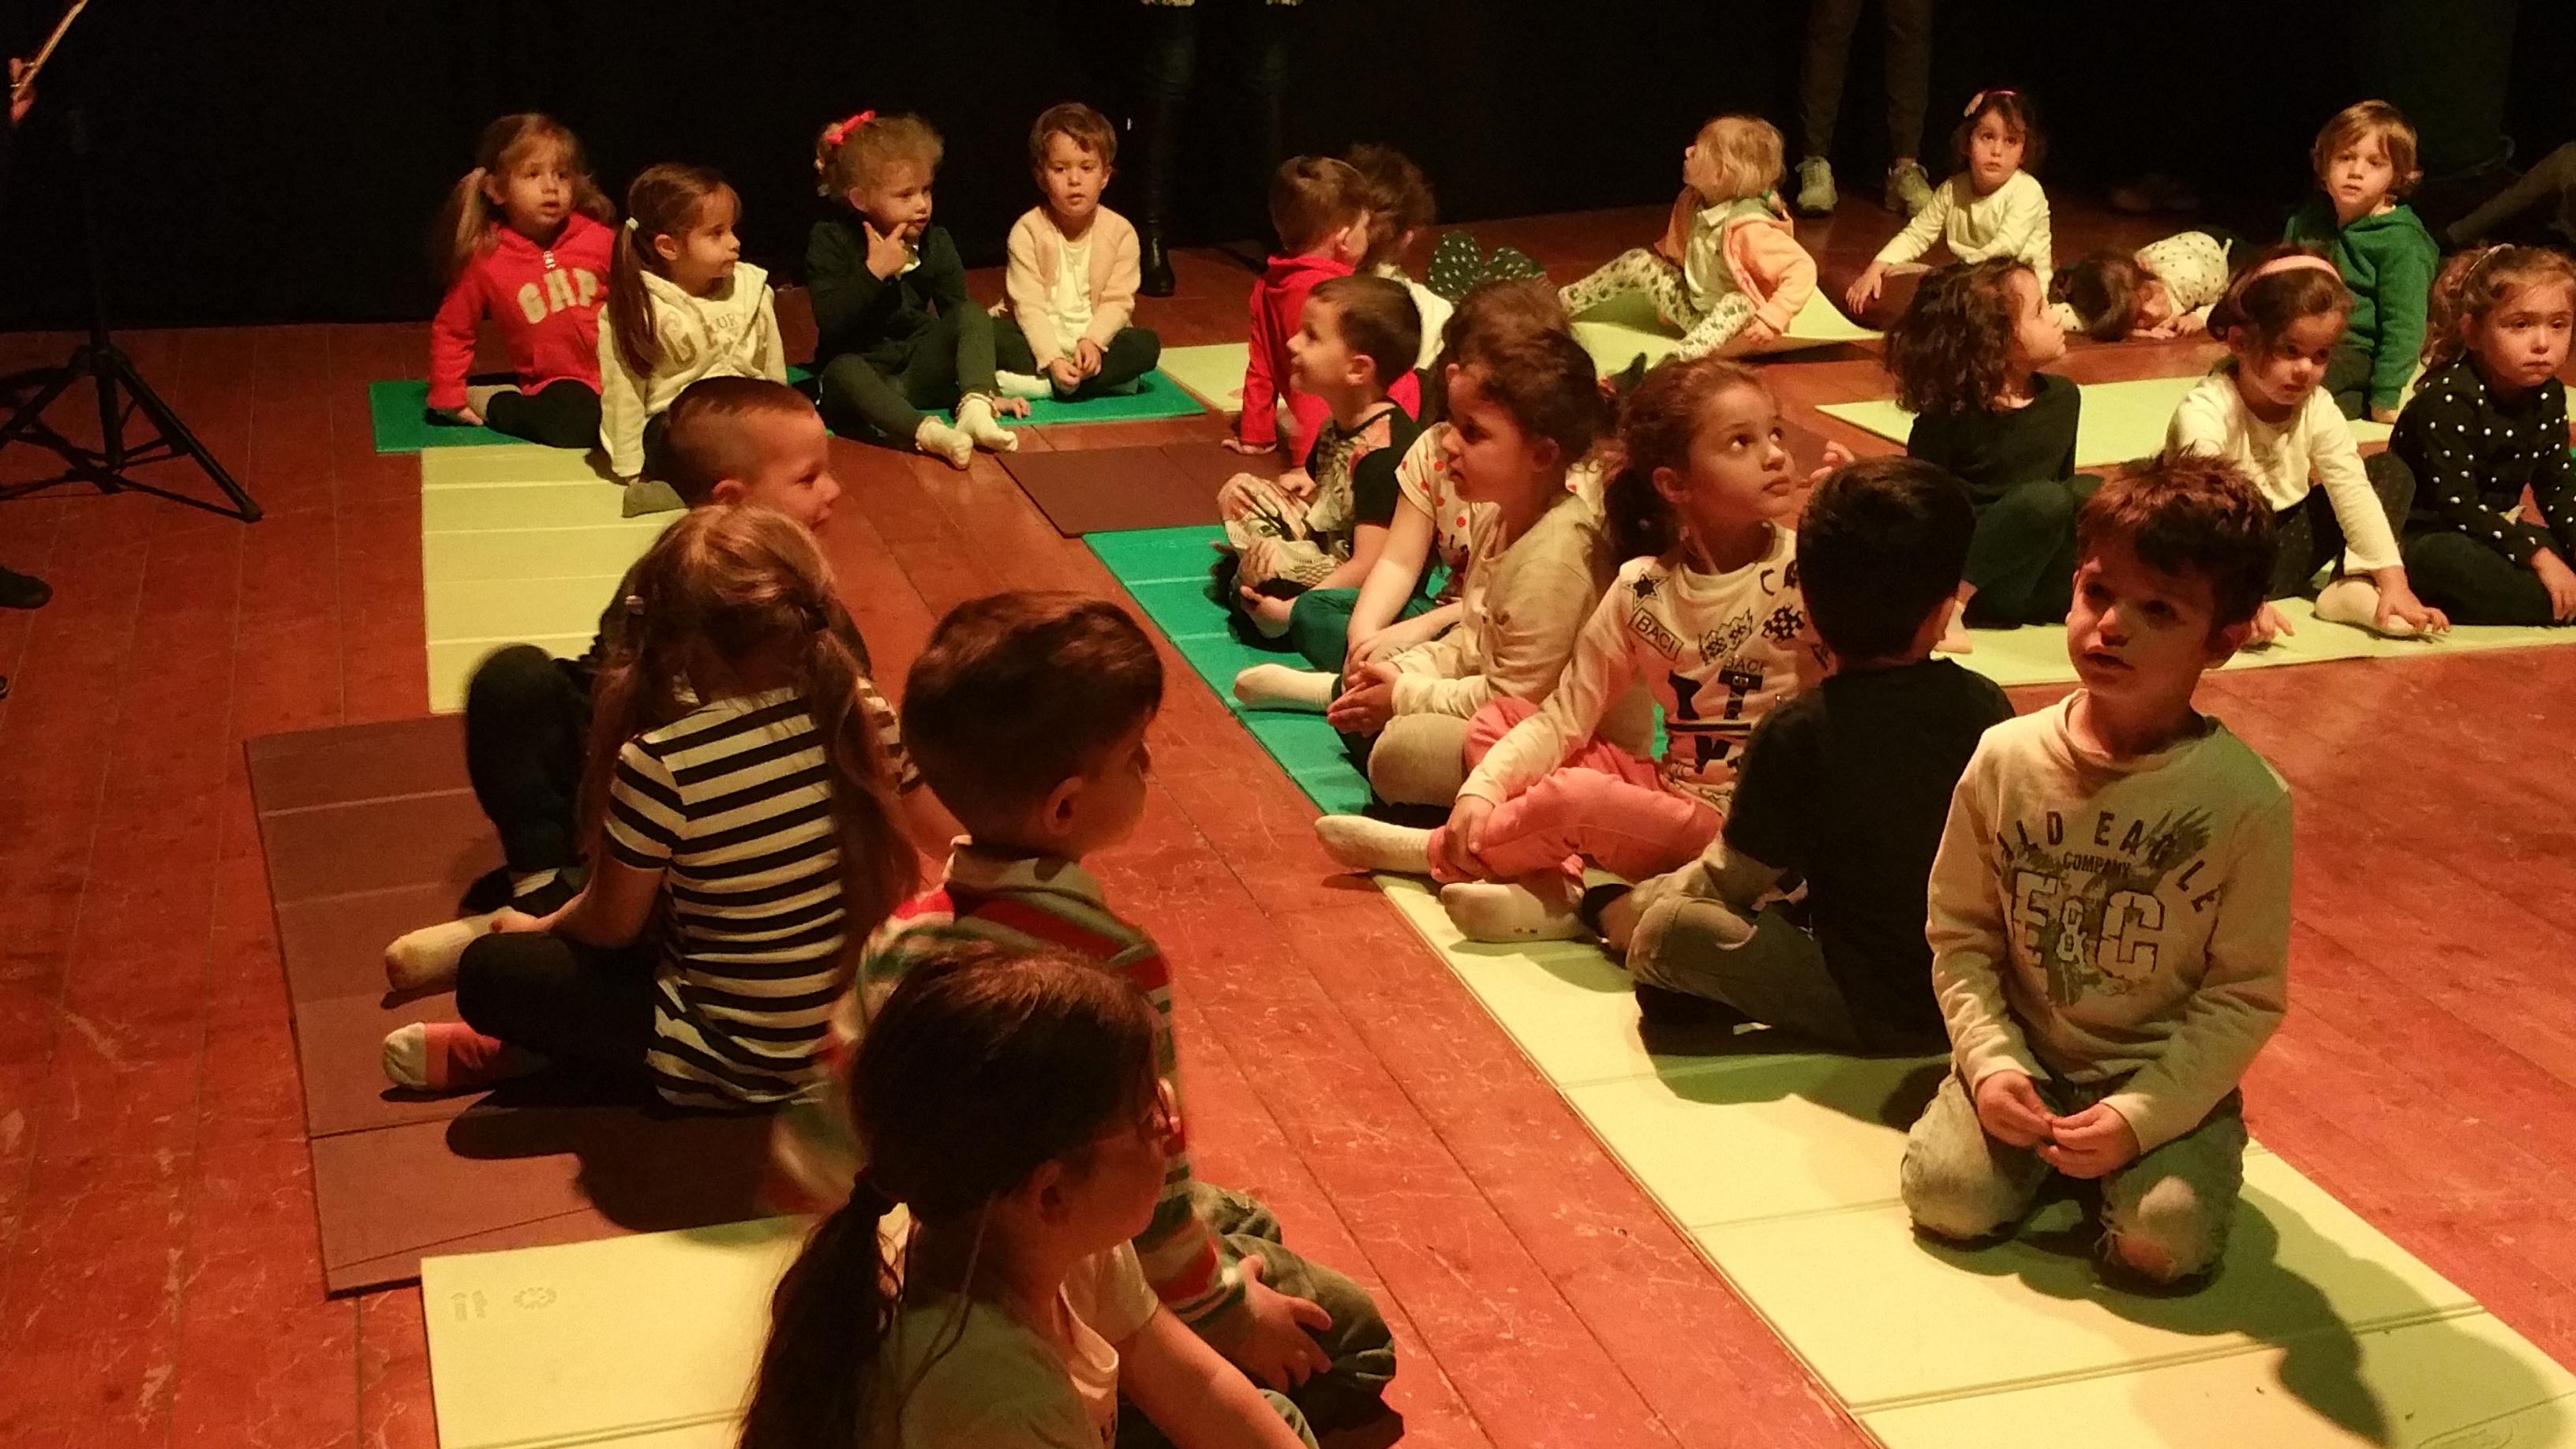 Teatro dei piccoli